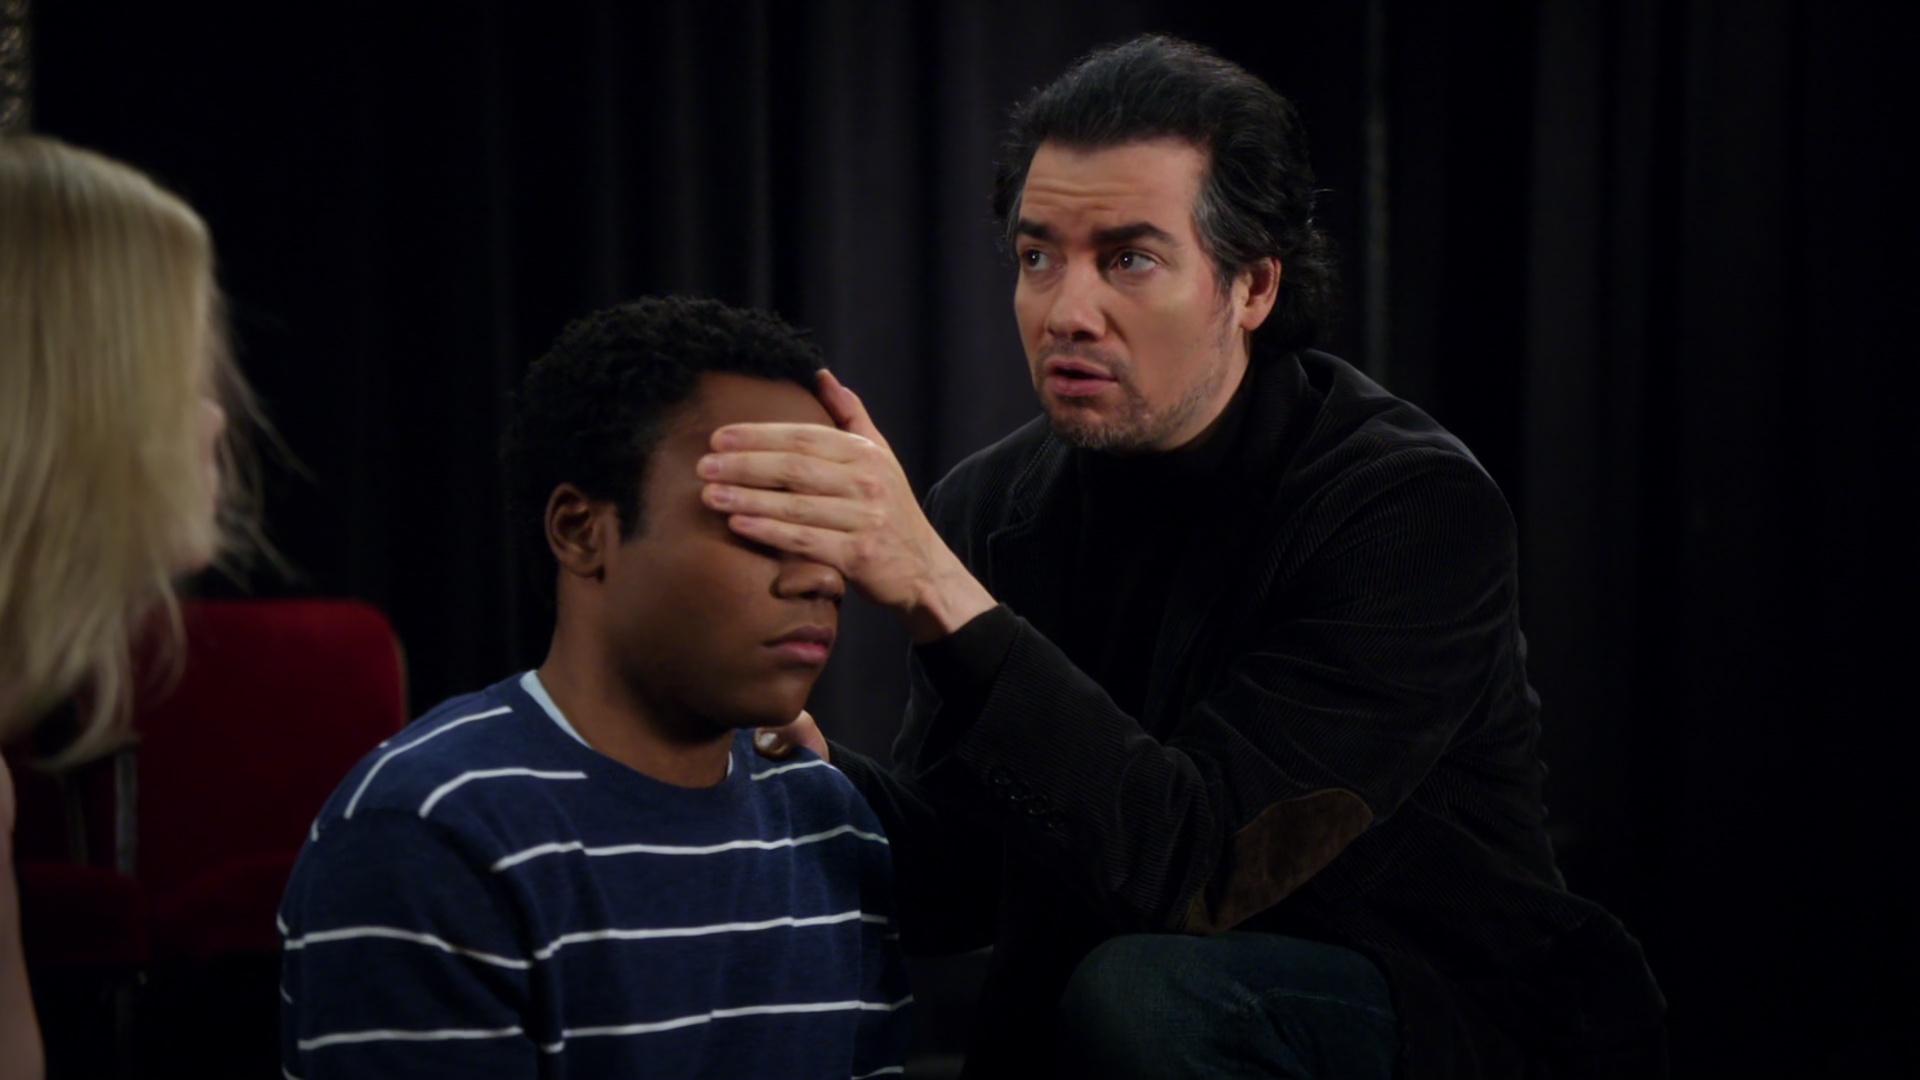 File:2x20-Troy Garrity acting.jpg